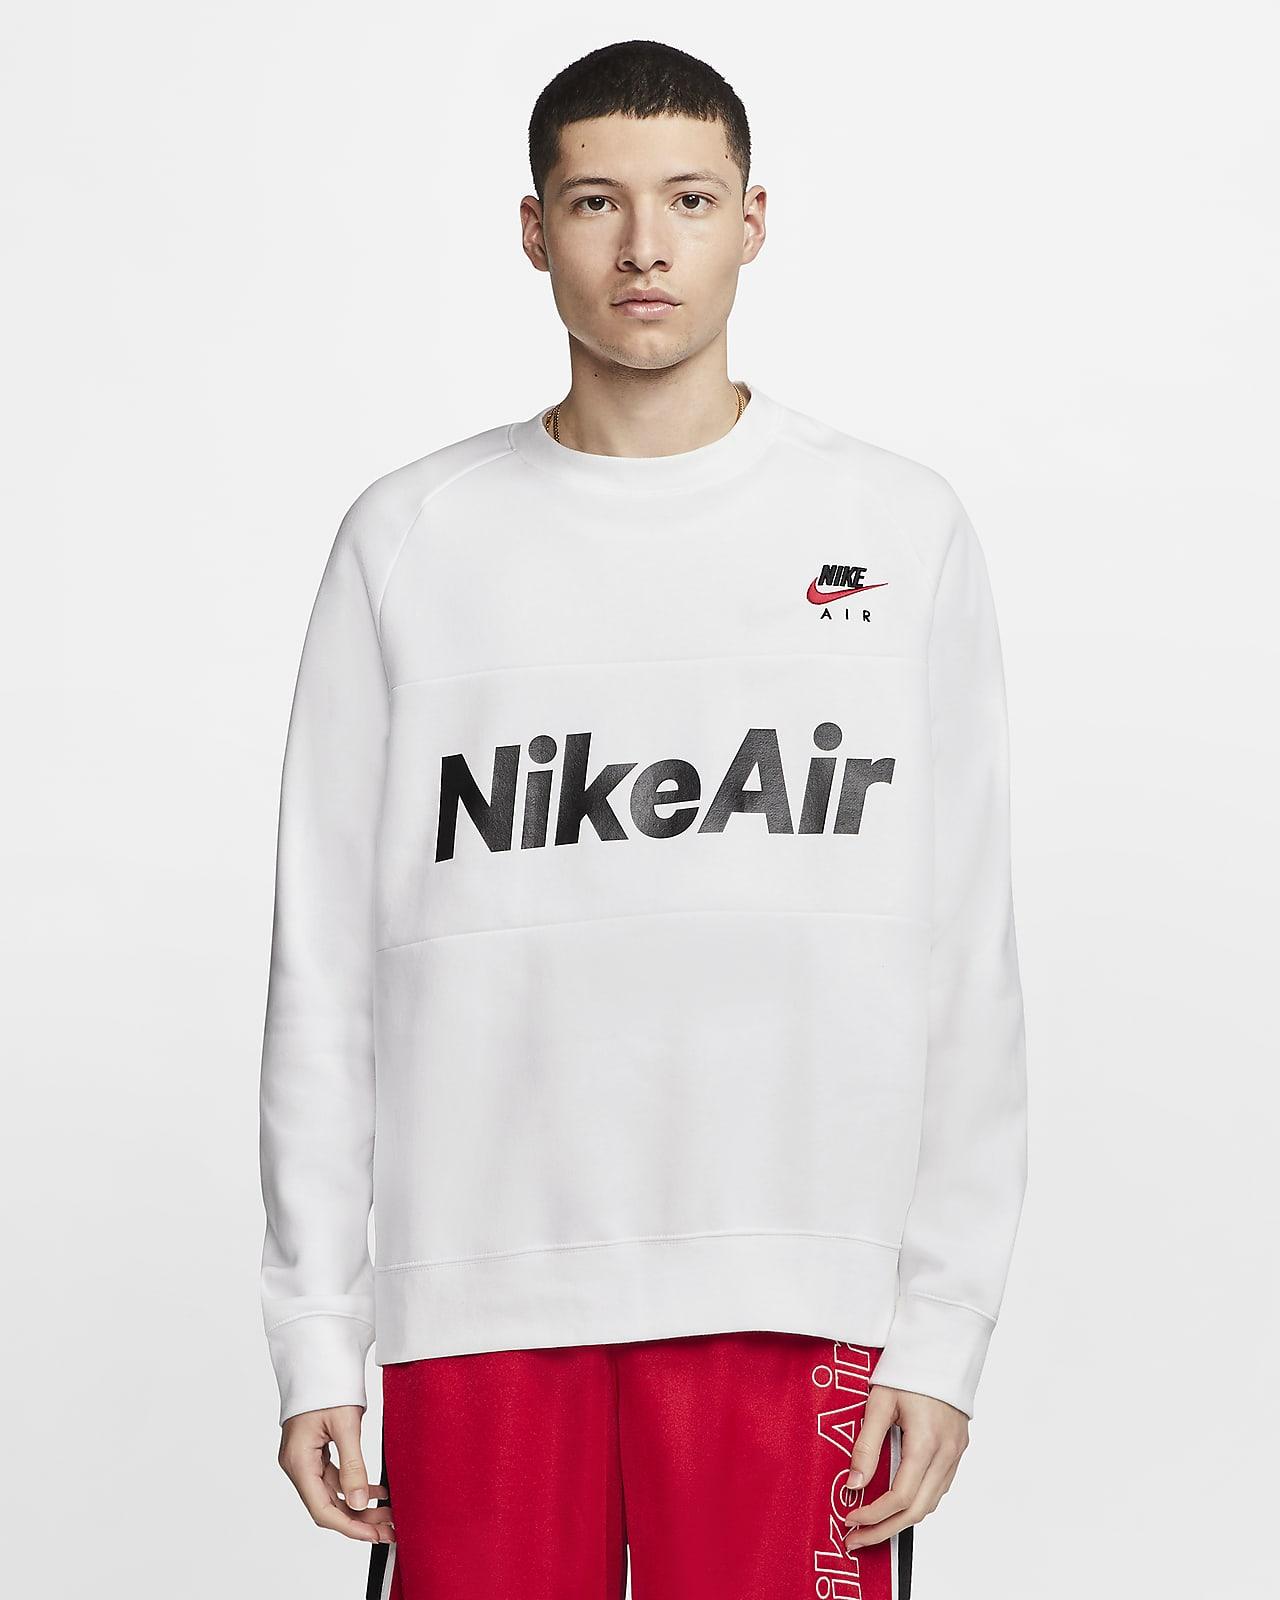 Fleecetröja Nike Air för män